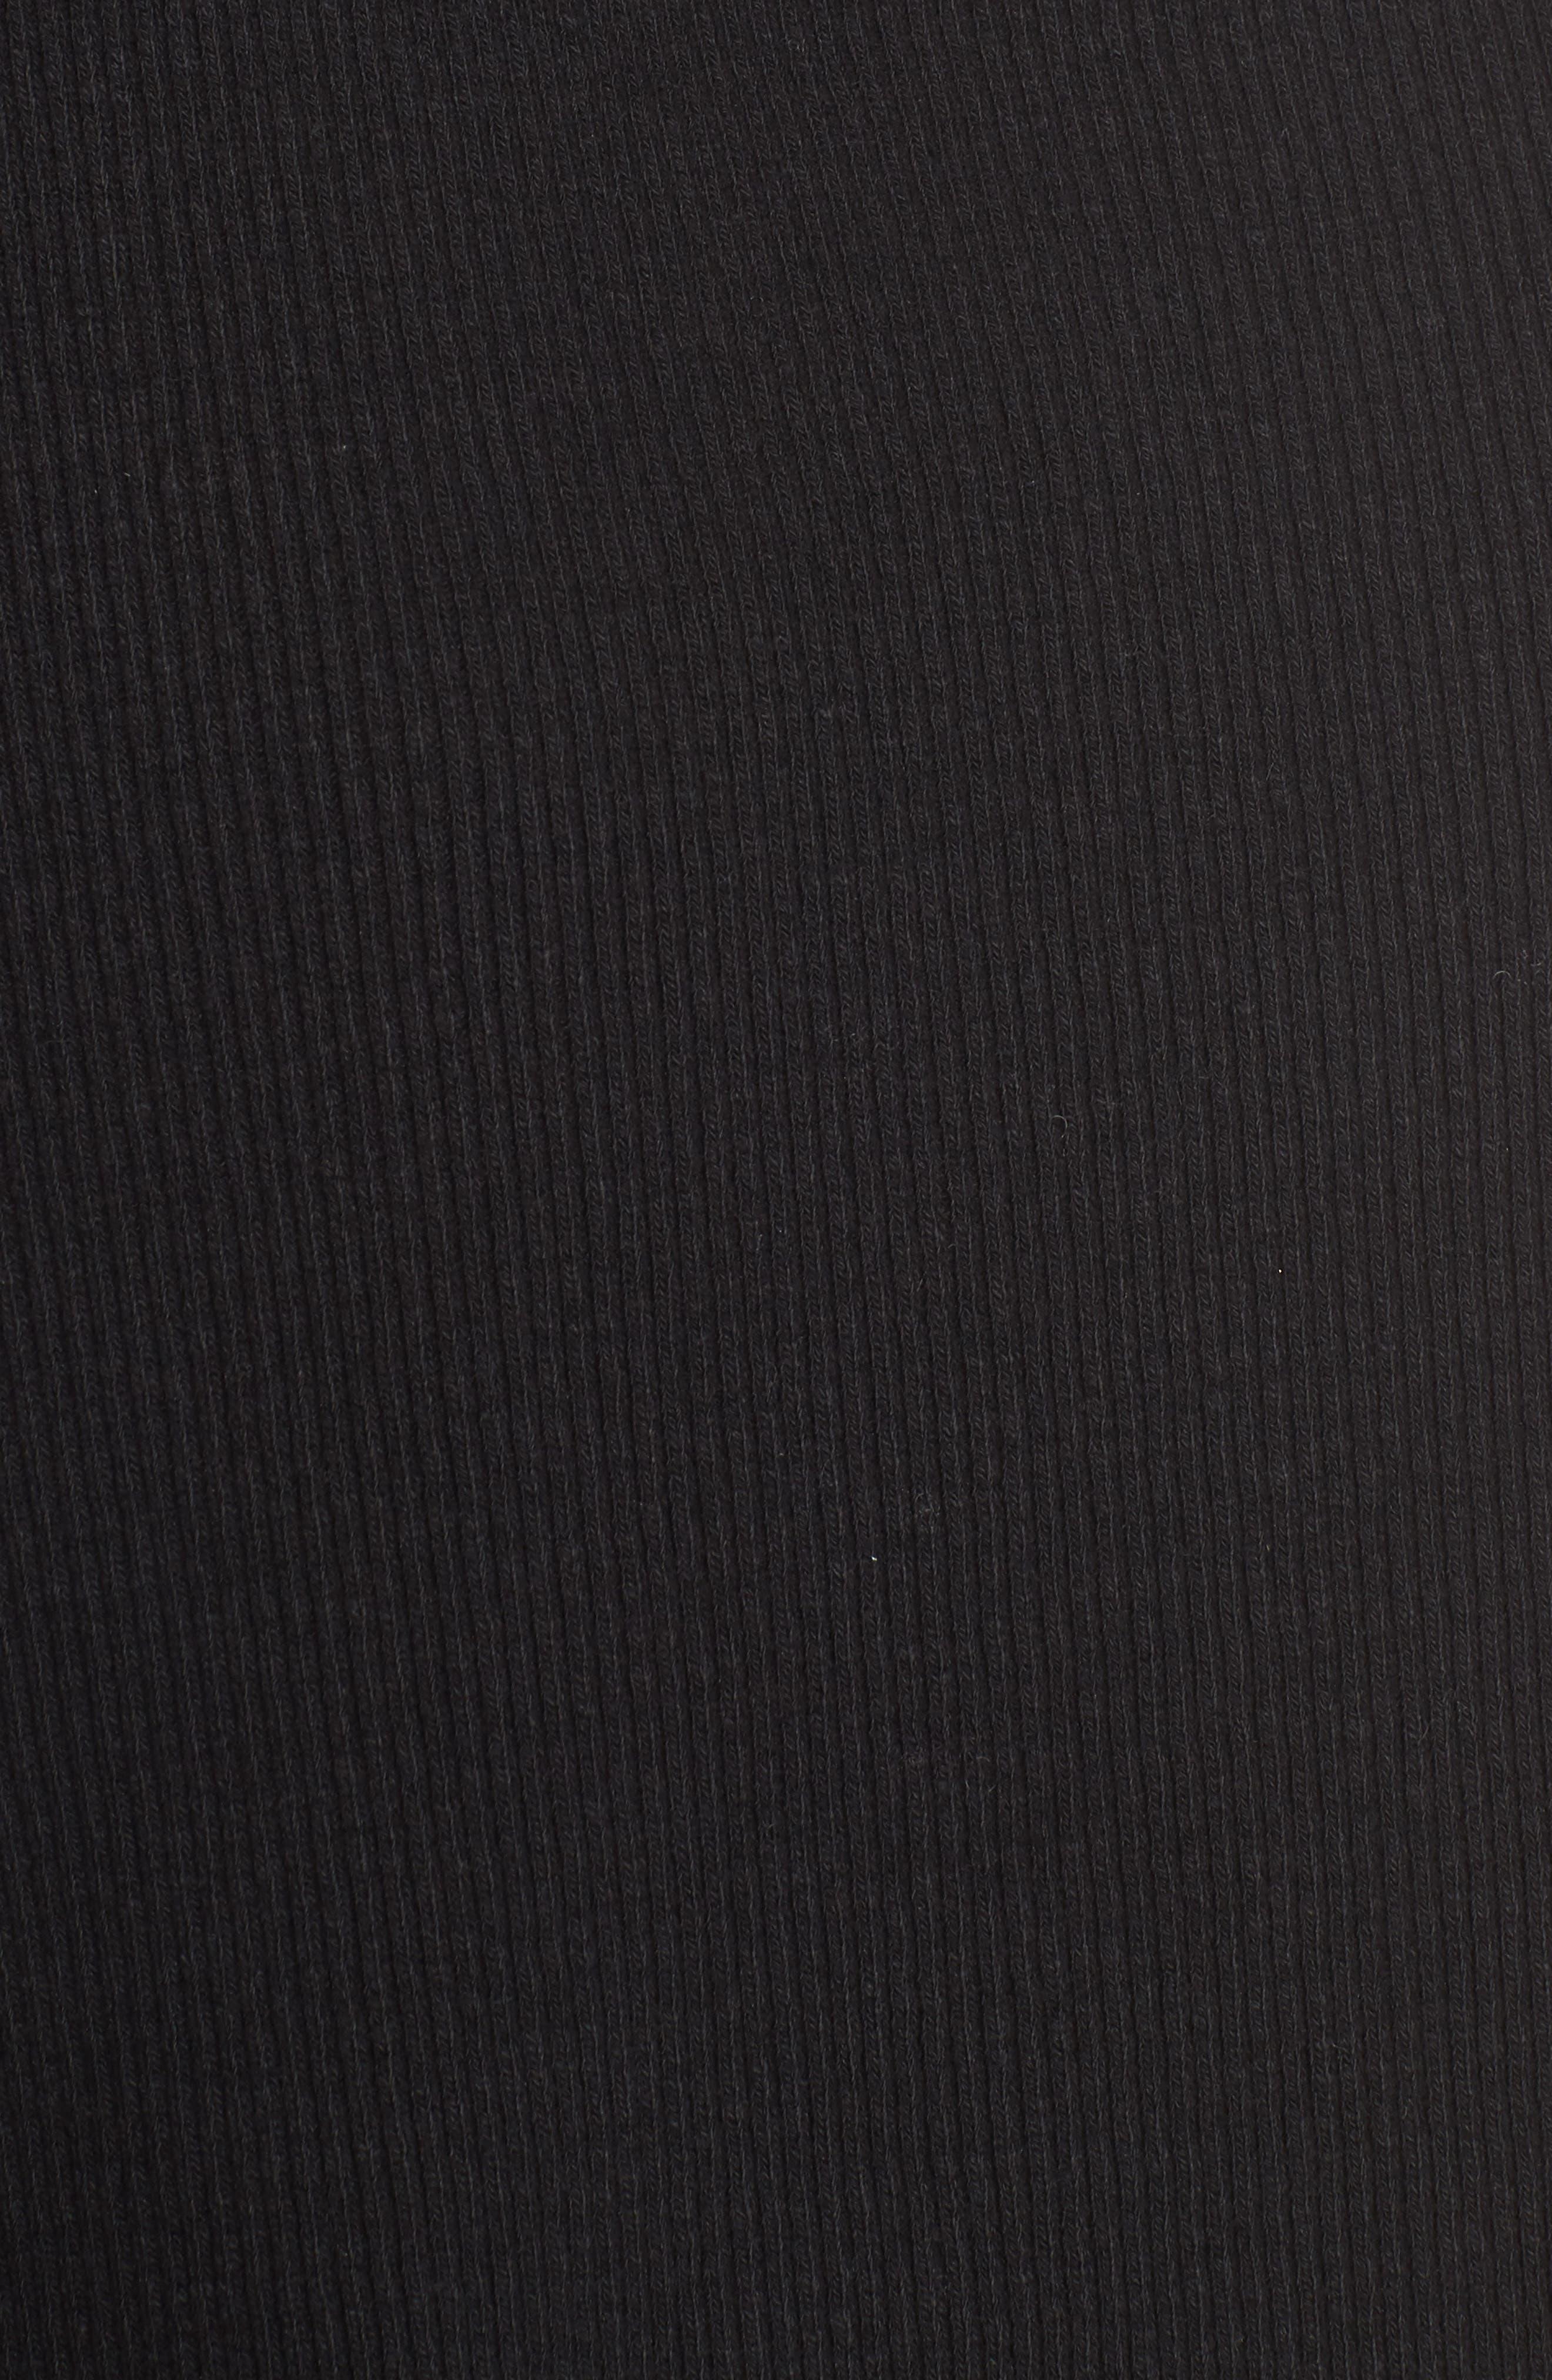 Mixed Media Turtleneck Shift Dress,                             Alternate thumbnail 5, color,                             Black